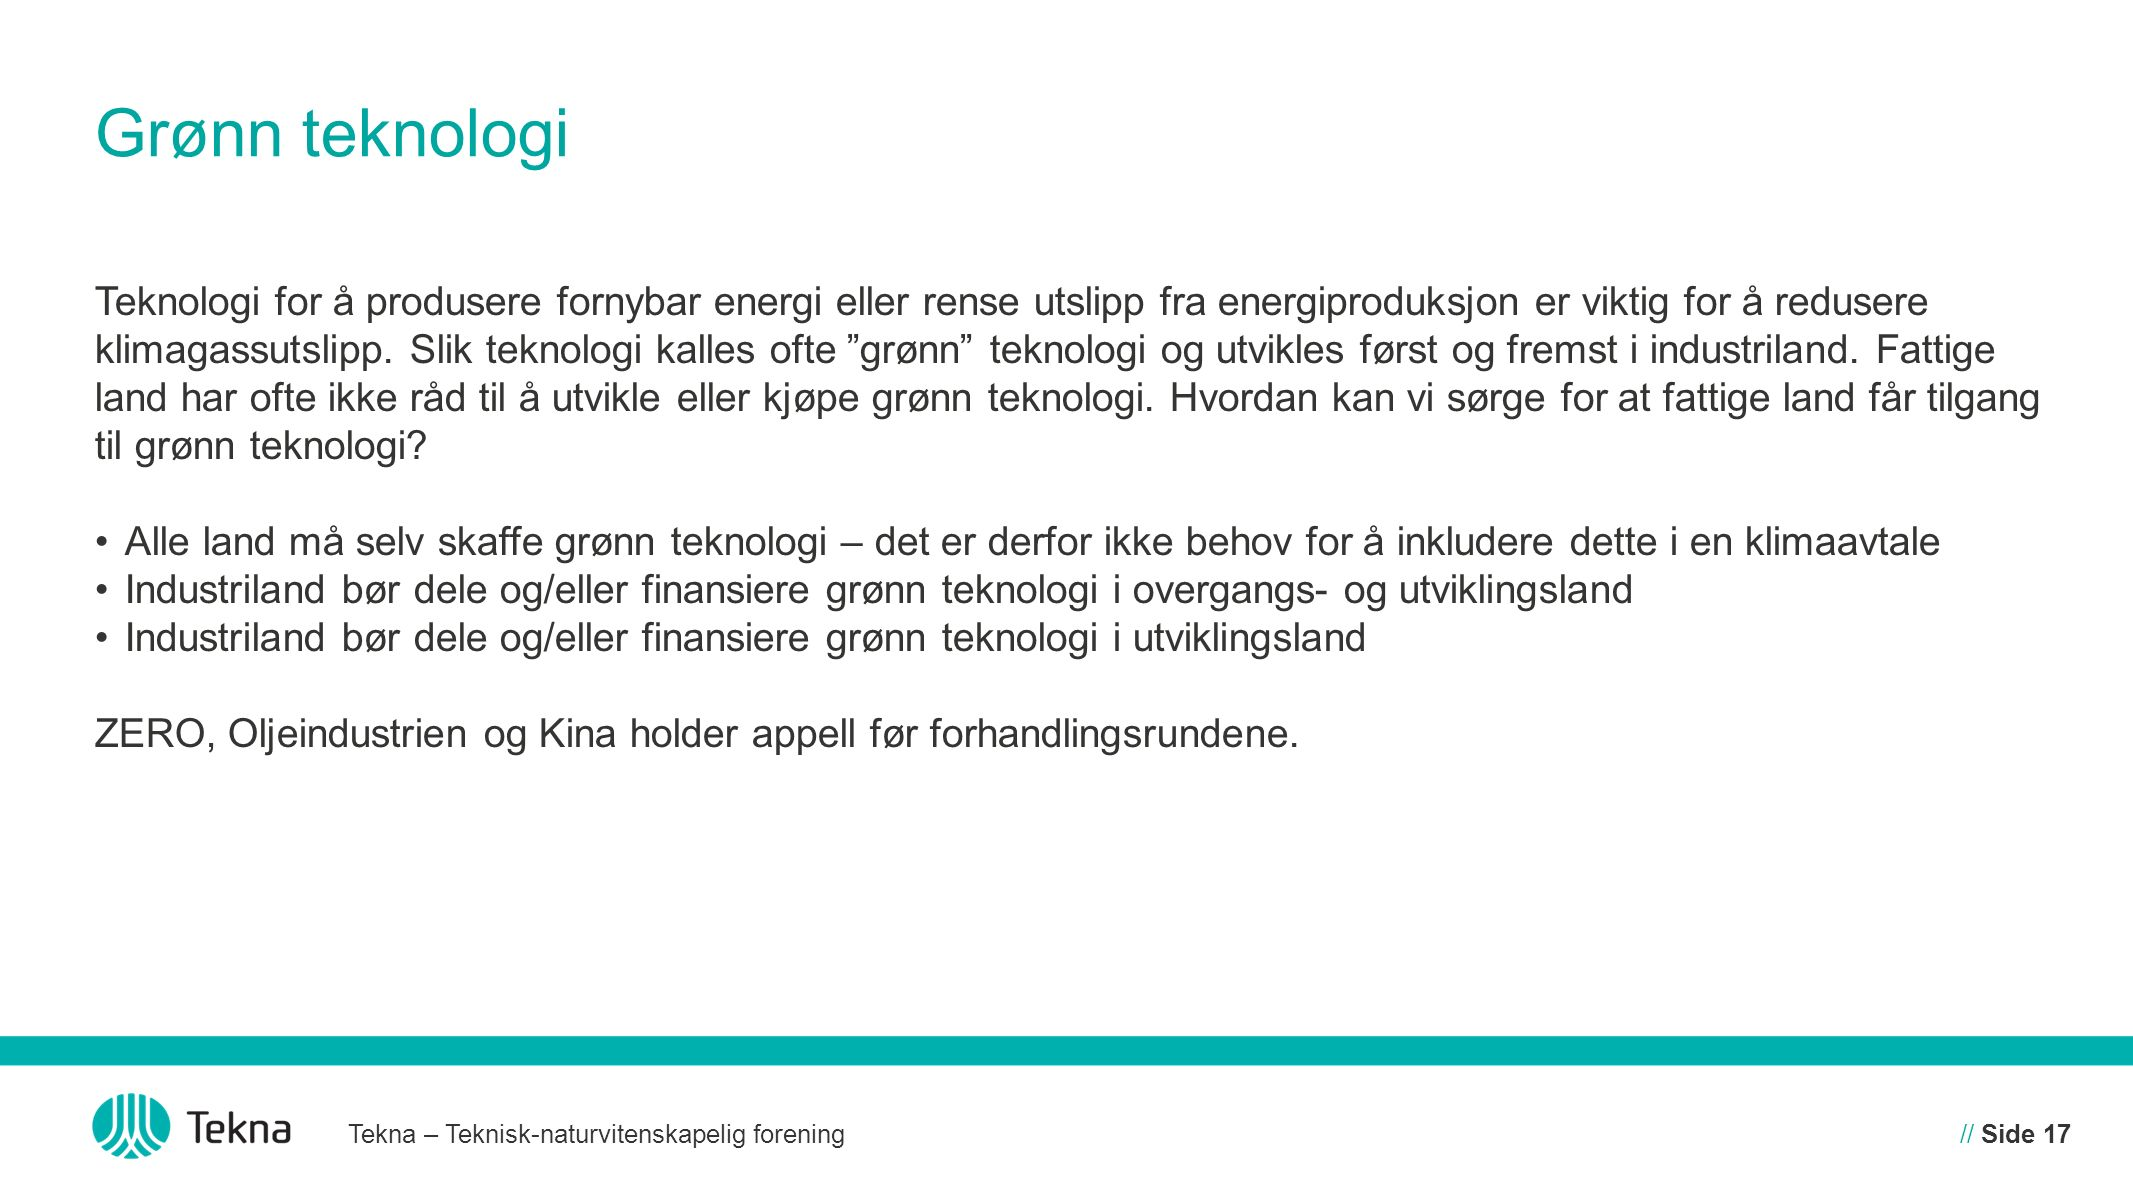 Grønn teknologi